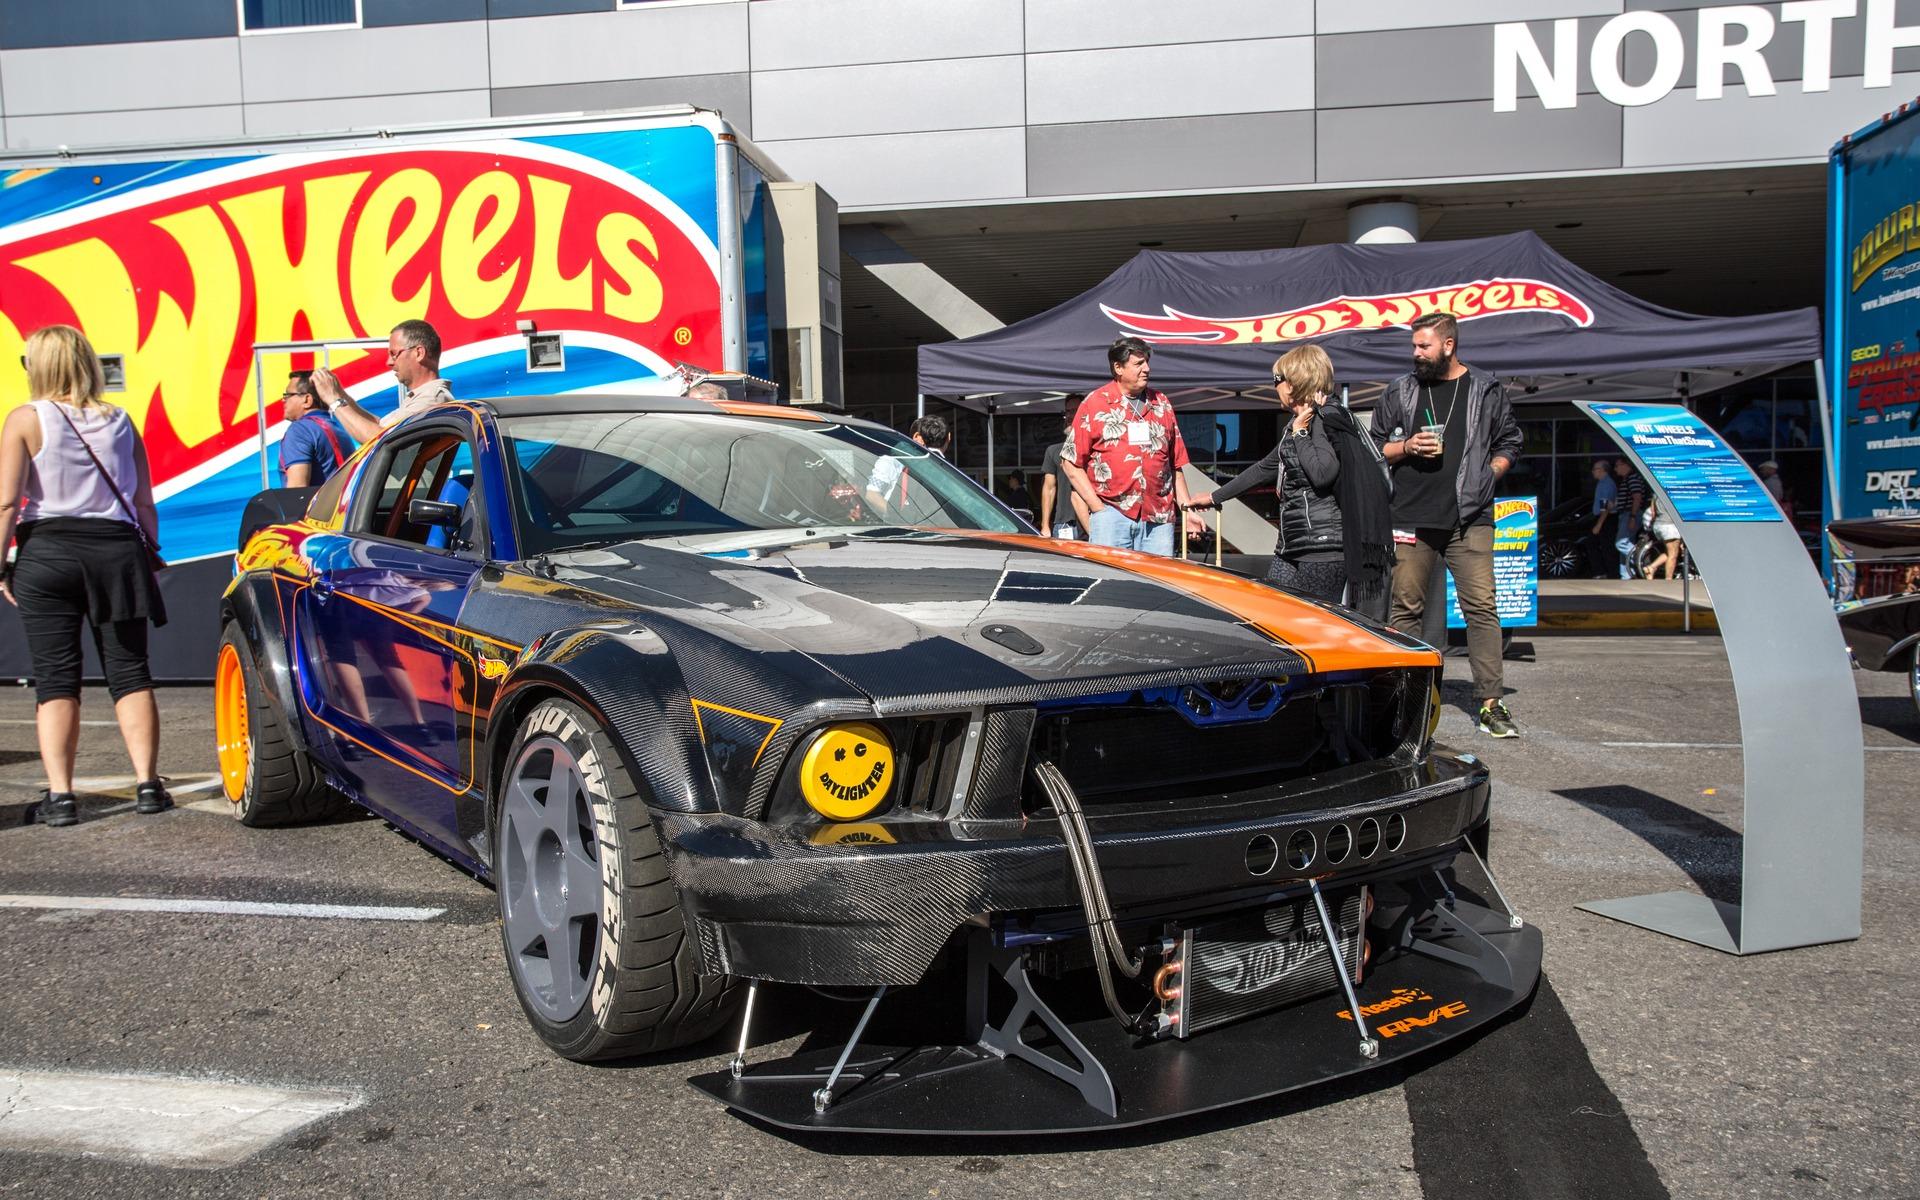 Hot Wheels Sema Mustang Action Vehicle Engineering